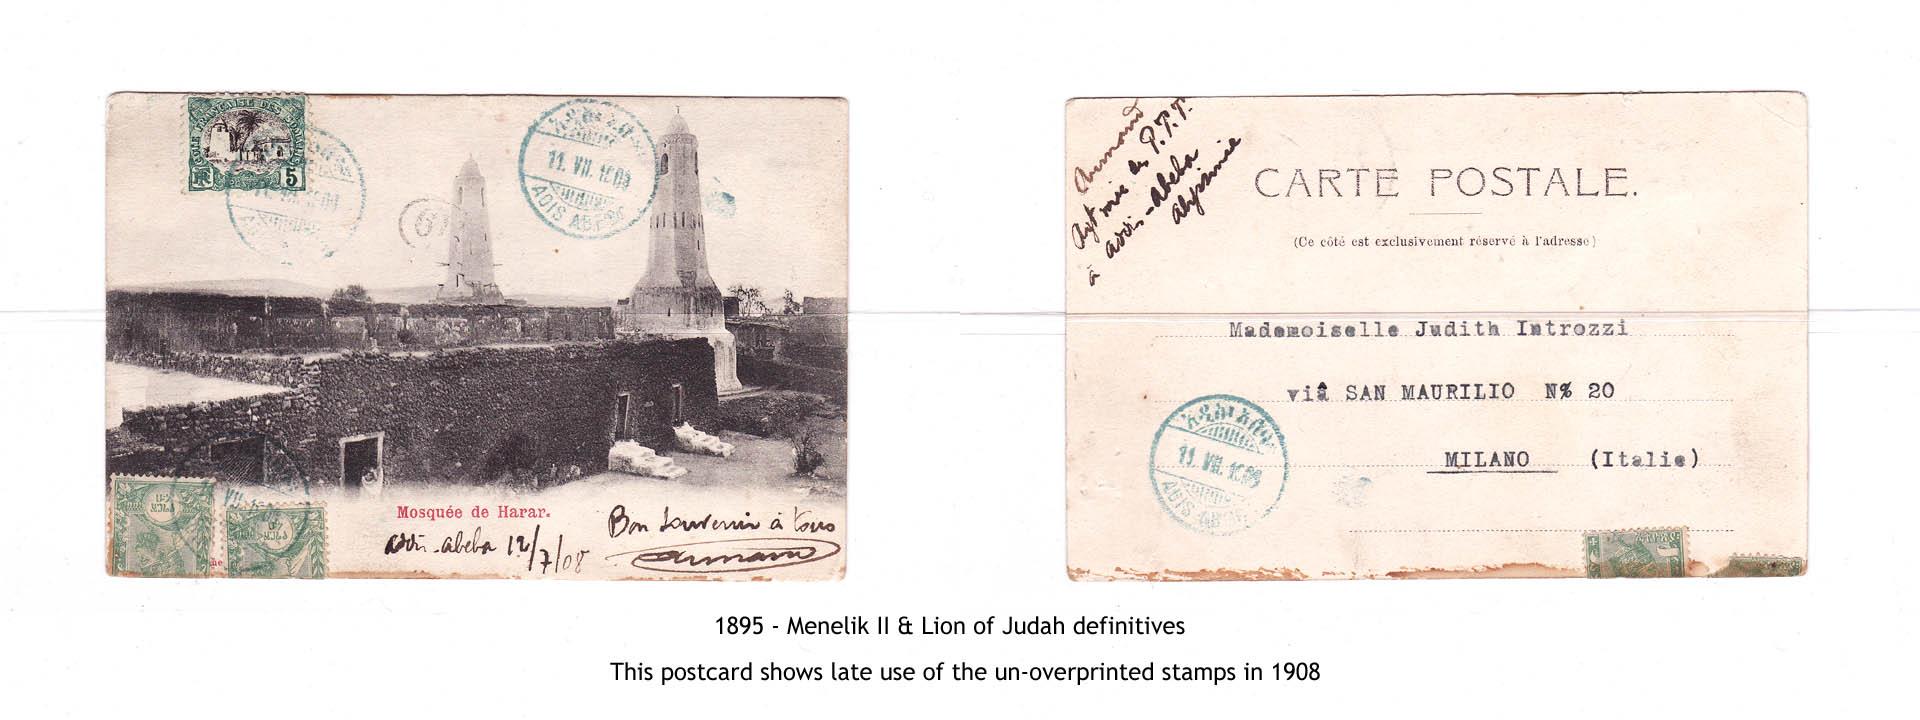 1895 - Menelik II & Lion of Judah definitives